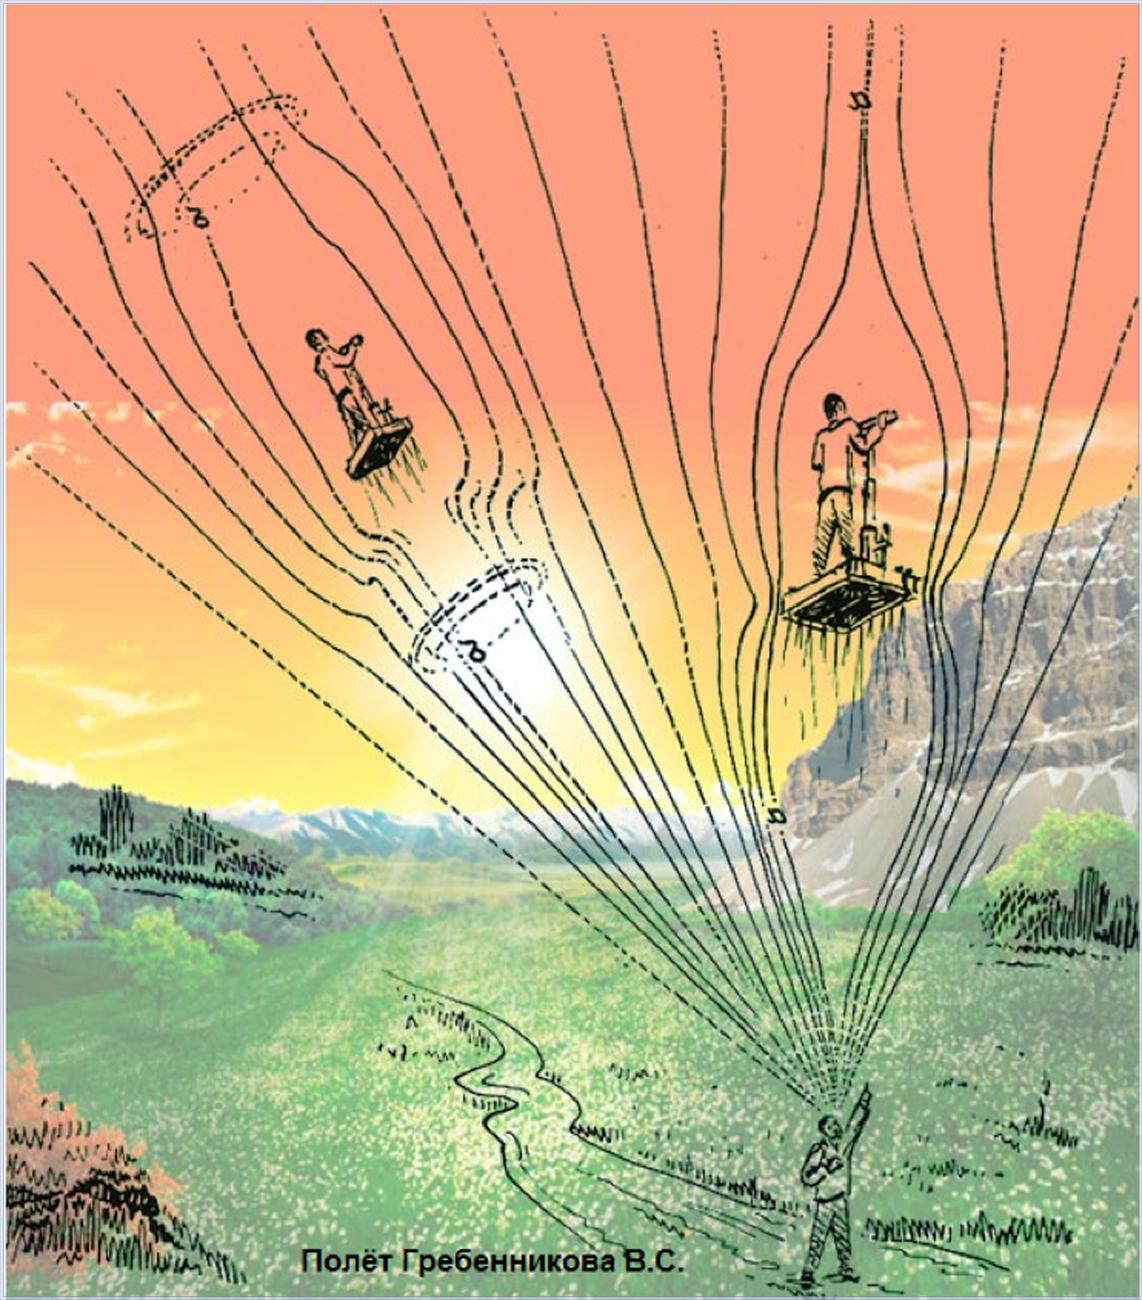 Летающая платформа гребенникова своими руками детальные